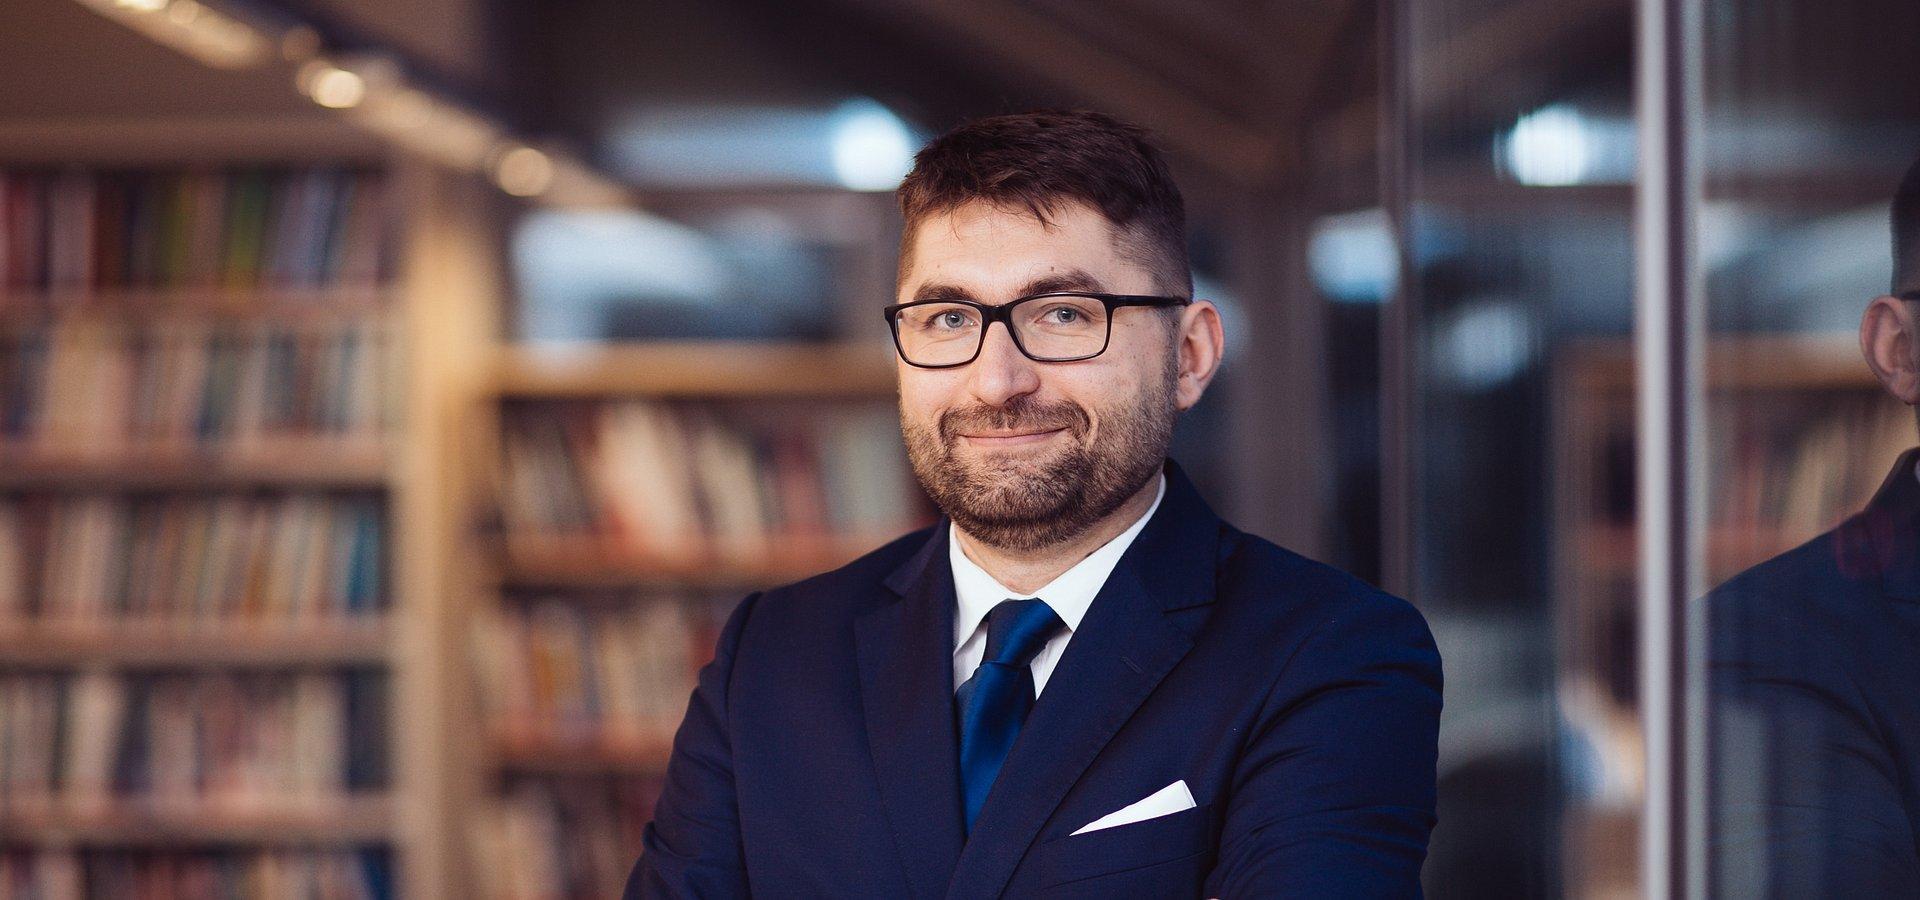 bezpieczeństwo i politologia:Jarosław Wojtas